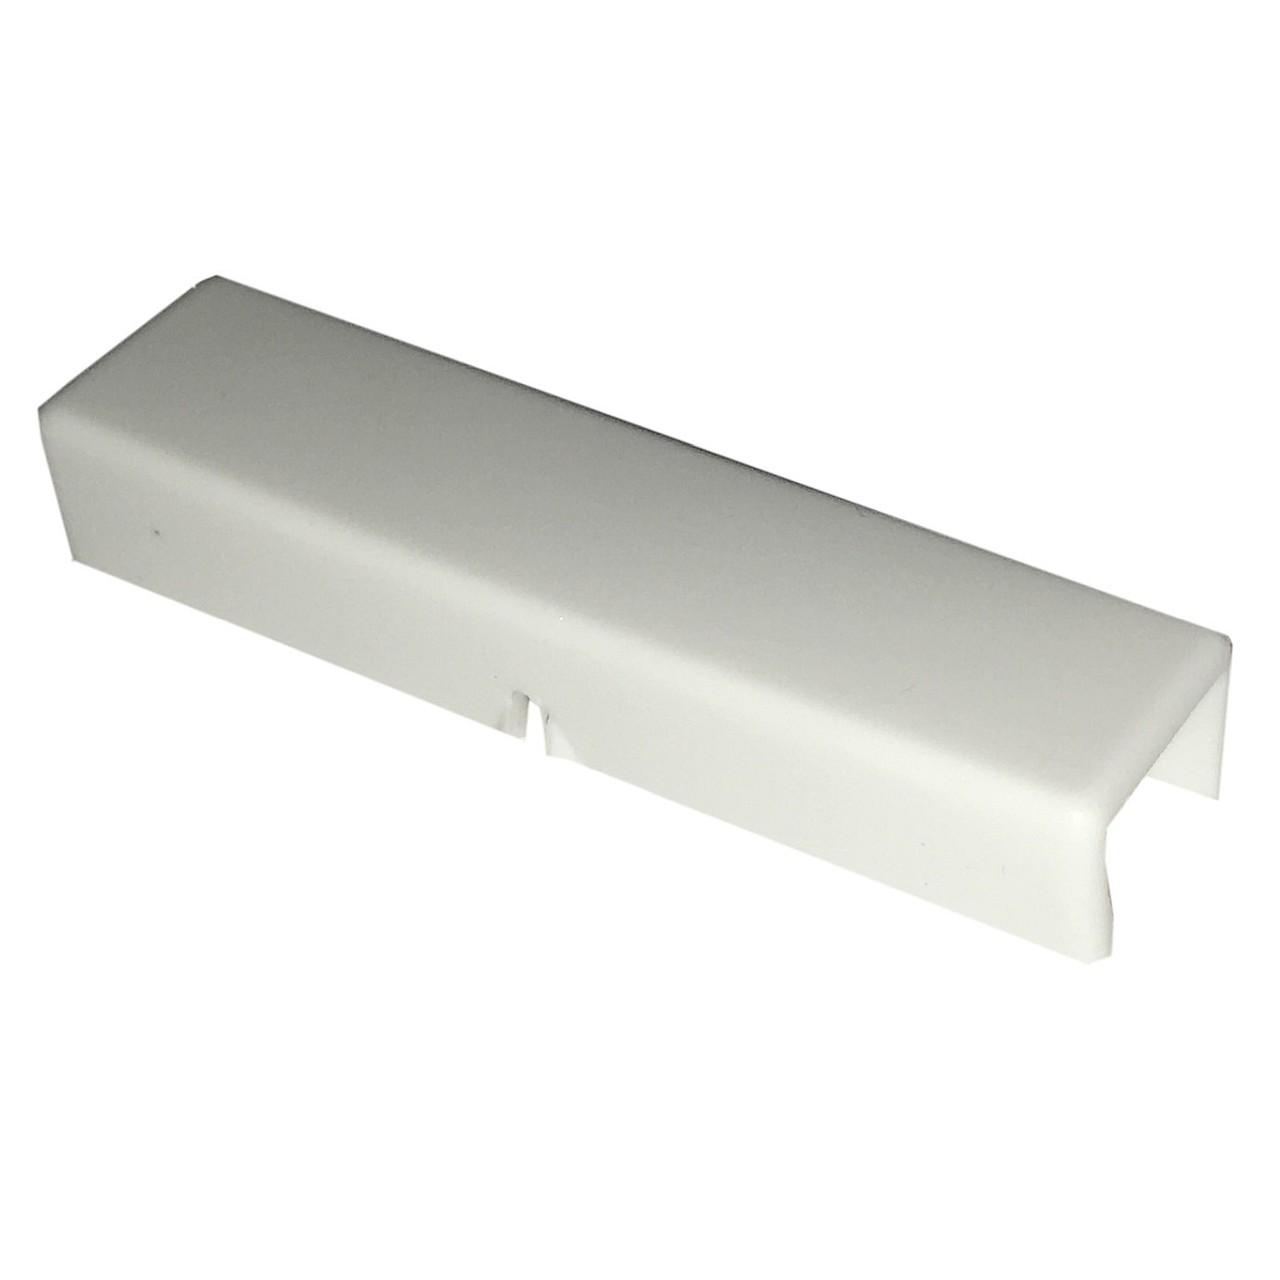 twentyfour Verbindungsstück für Gardinenschienen weiß 6x1x1.5 cm (BxHxT) Kunststoff, twentyfour